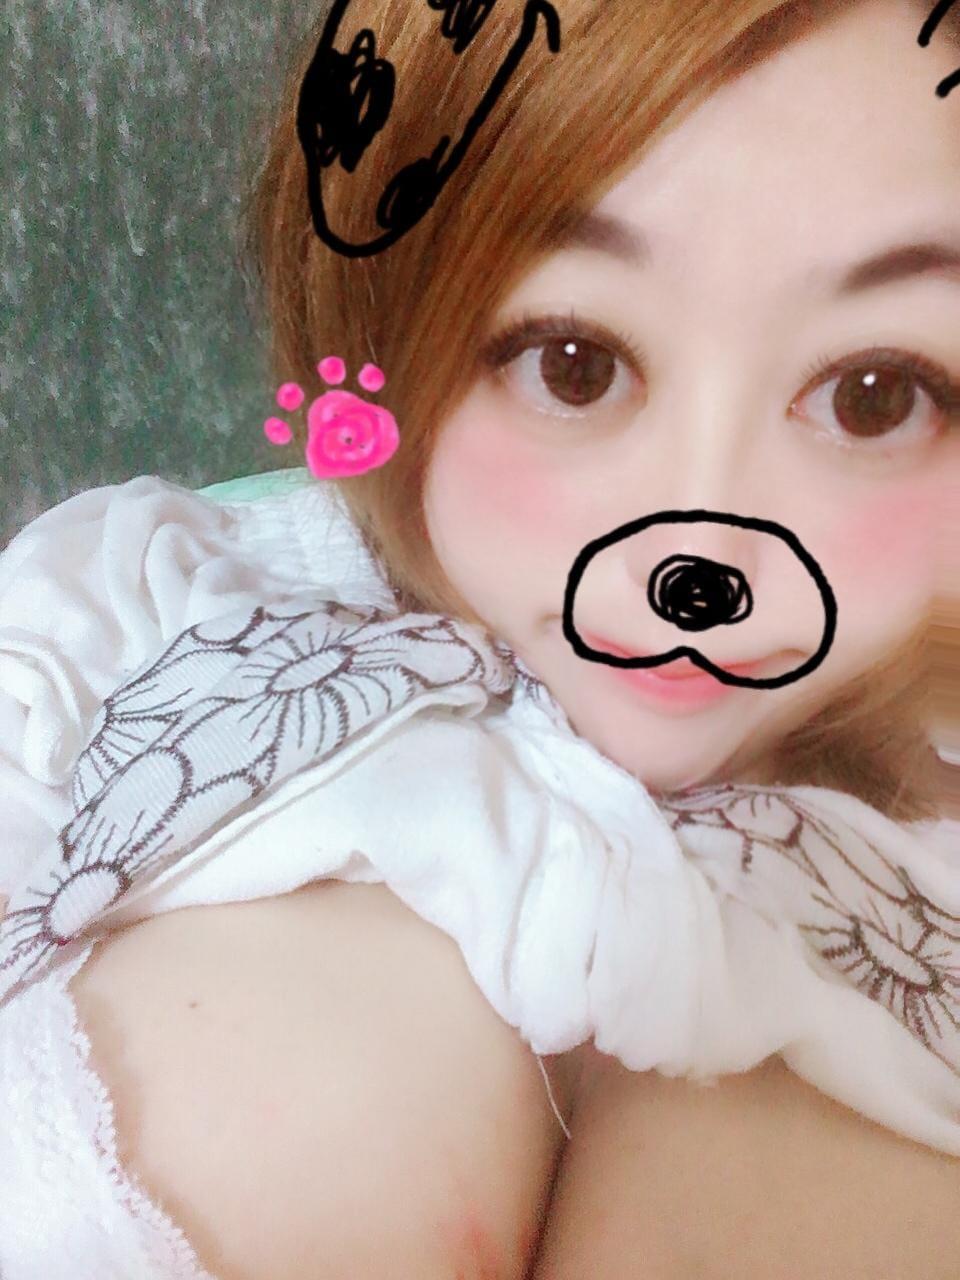 「おはようございます!(*´꒳`*)゚*.・♡」05/18(05/18) 17:32 | ゆいの写メ・風俗動画